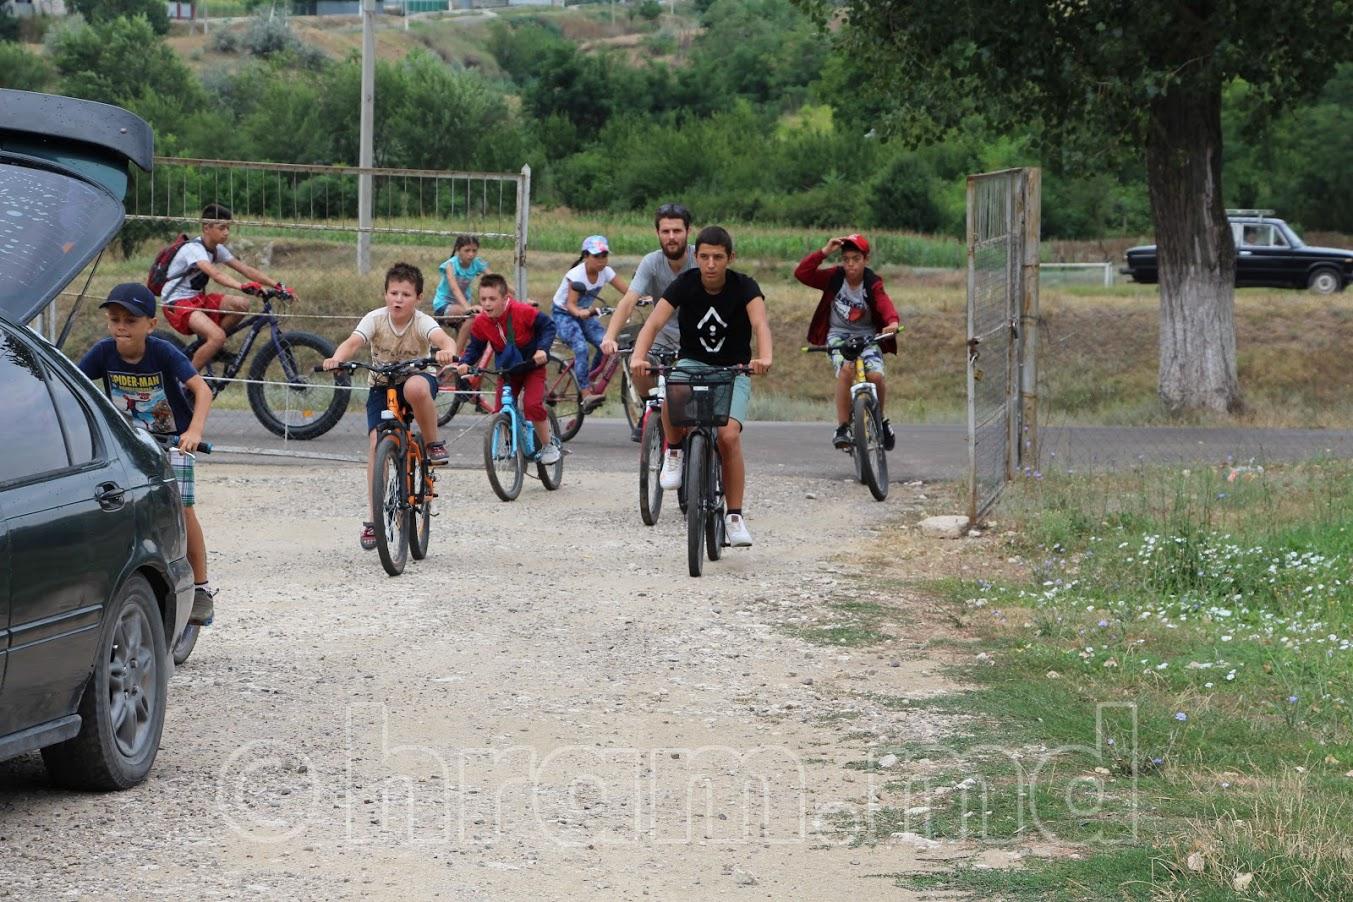 (ФОТО/ВИДЕО) В селе Чишмикиой прошел велопробег посвященный «Дню семьи, любви и верности»